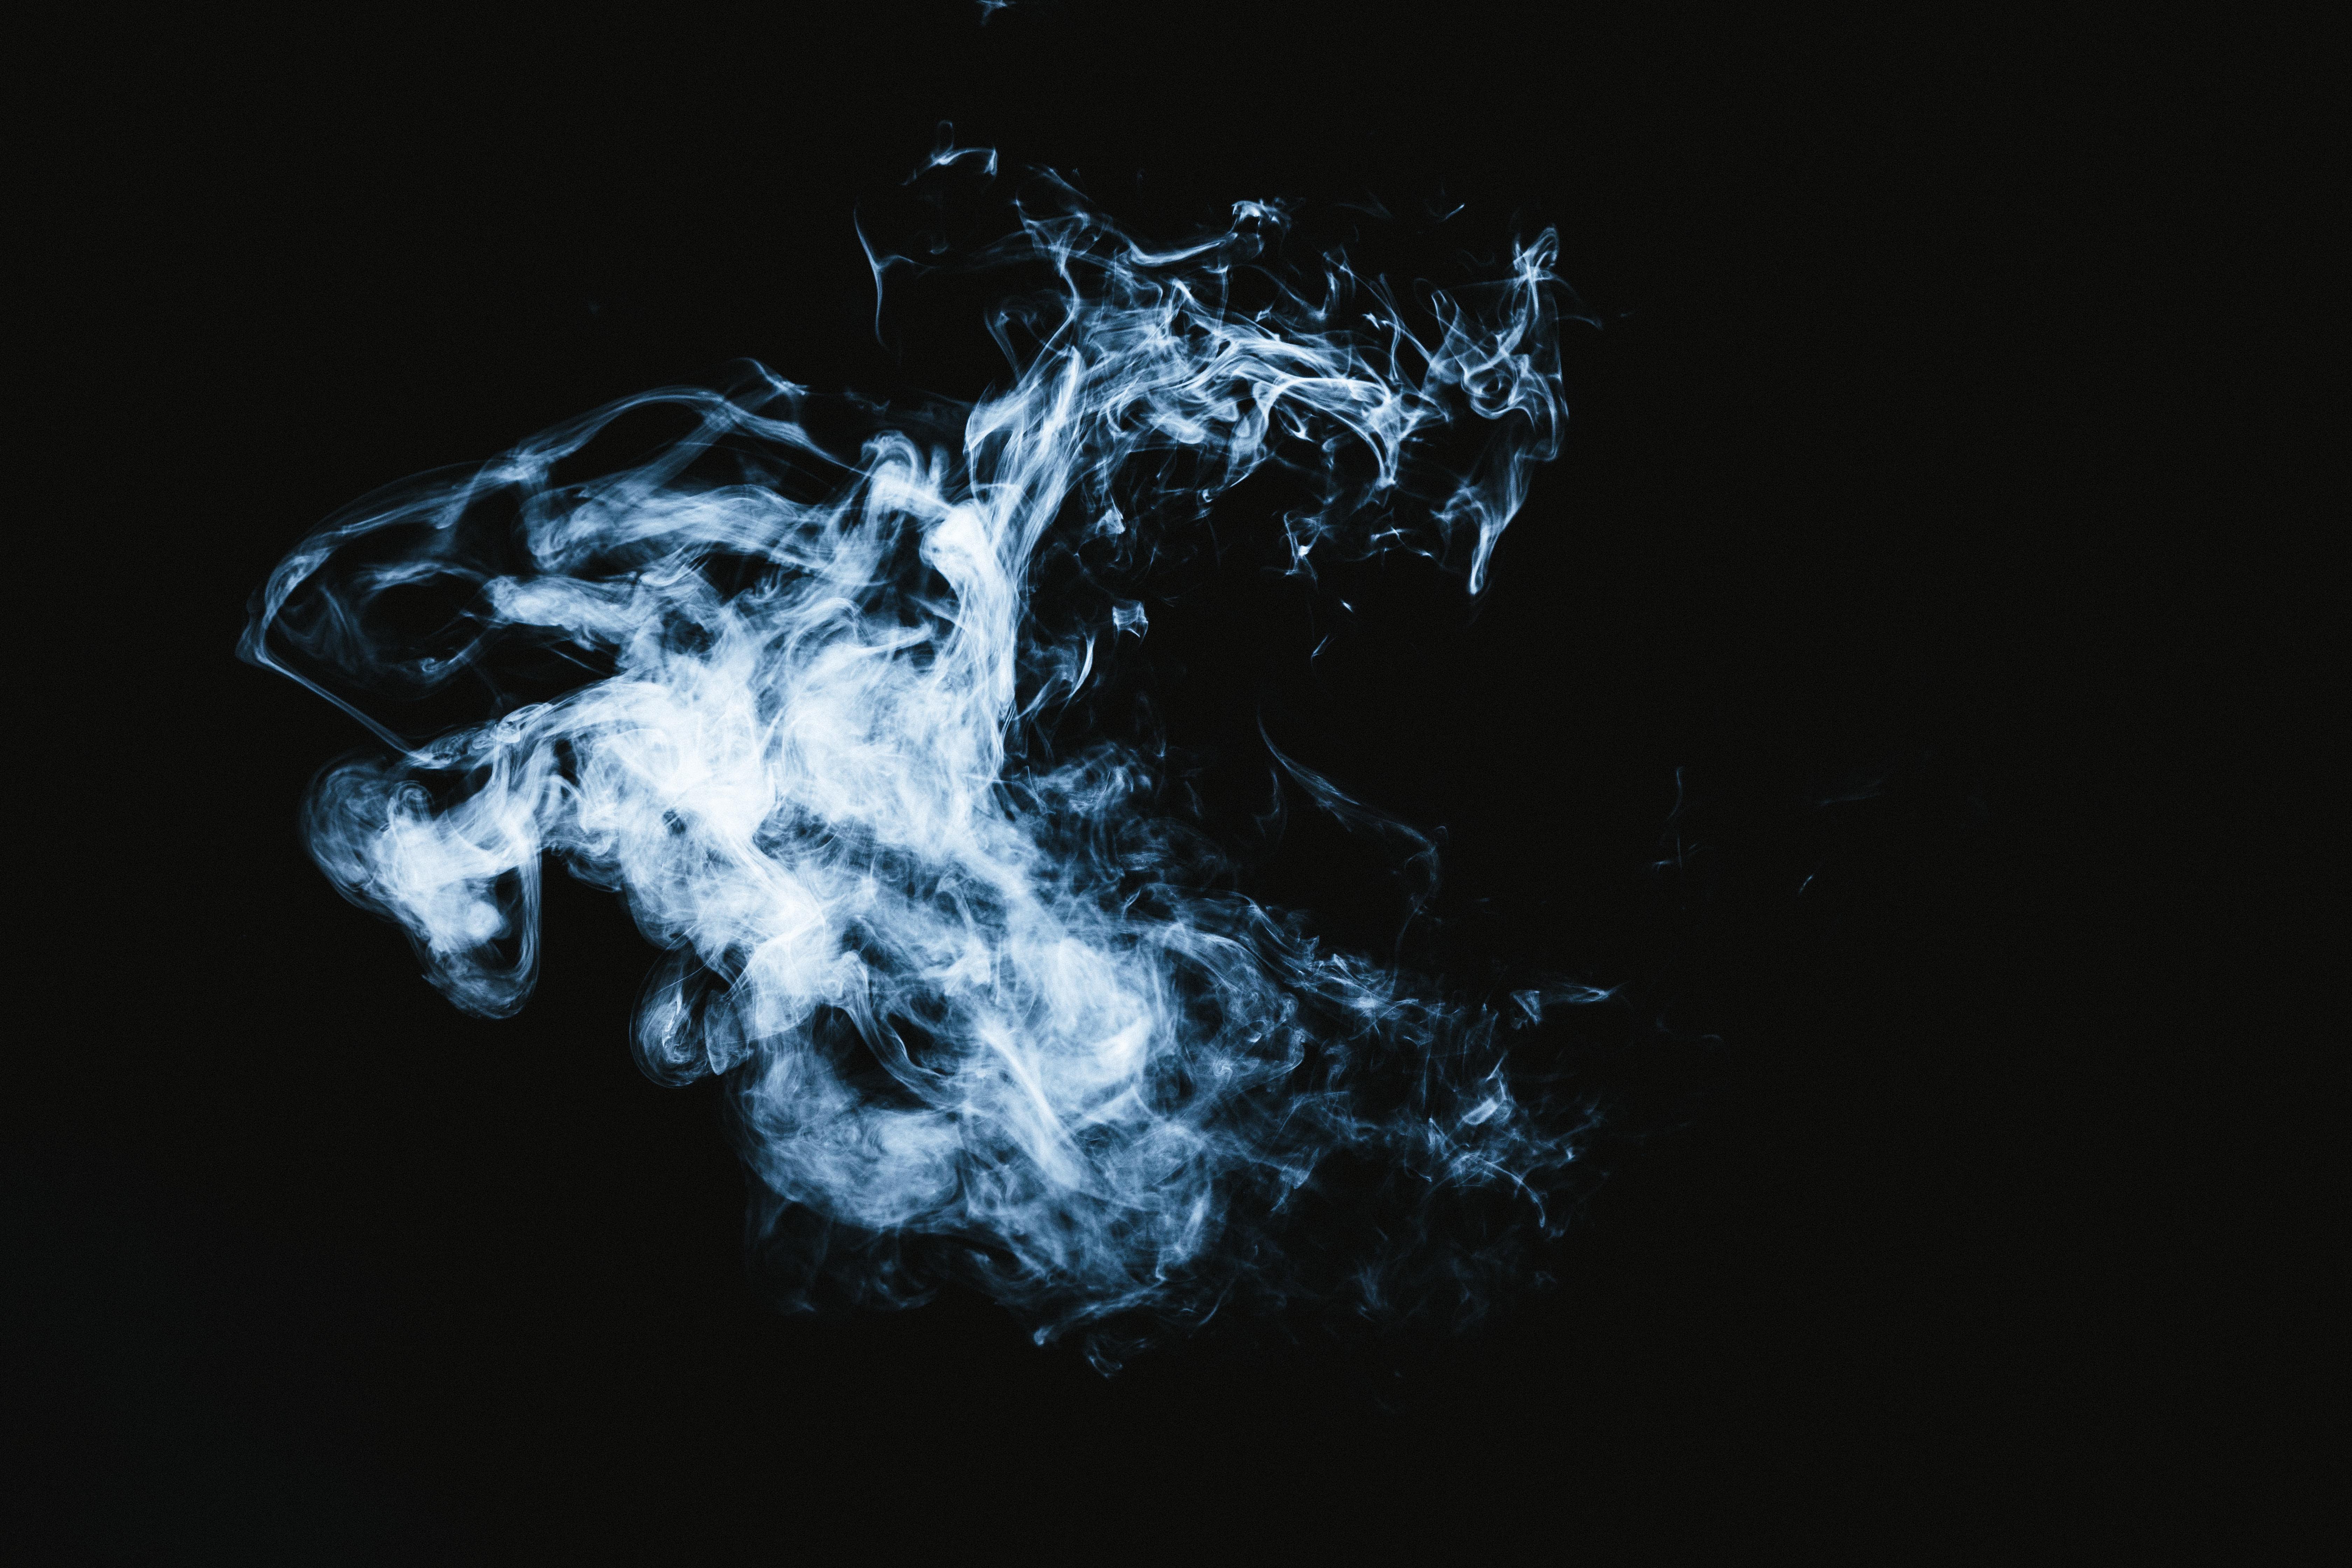 マッドピエロのような煙の写真素材